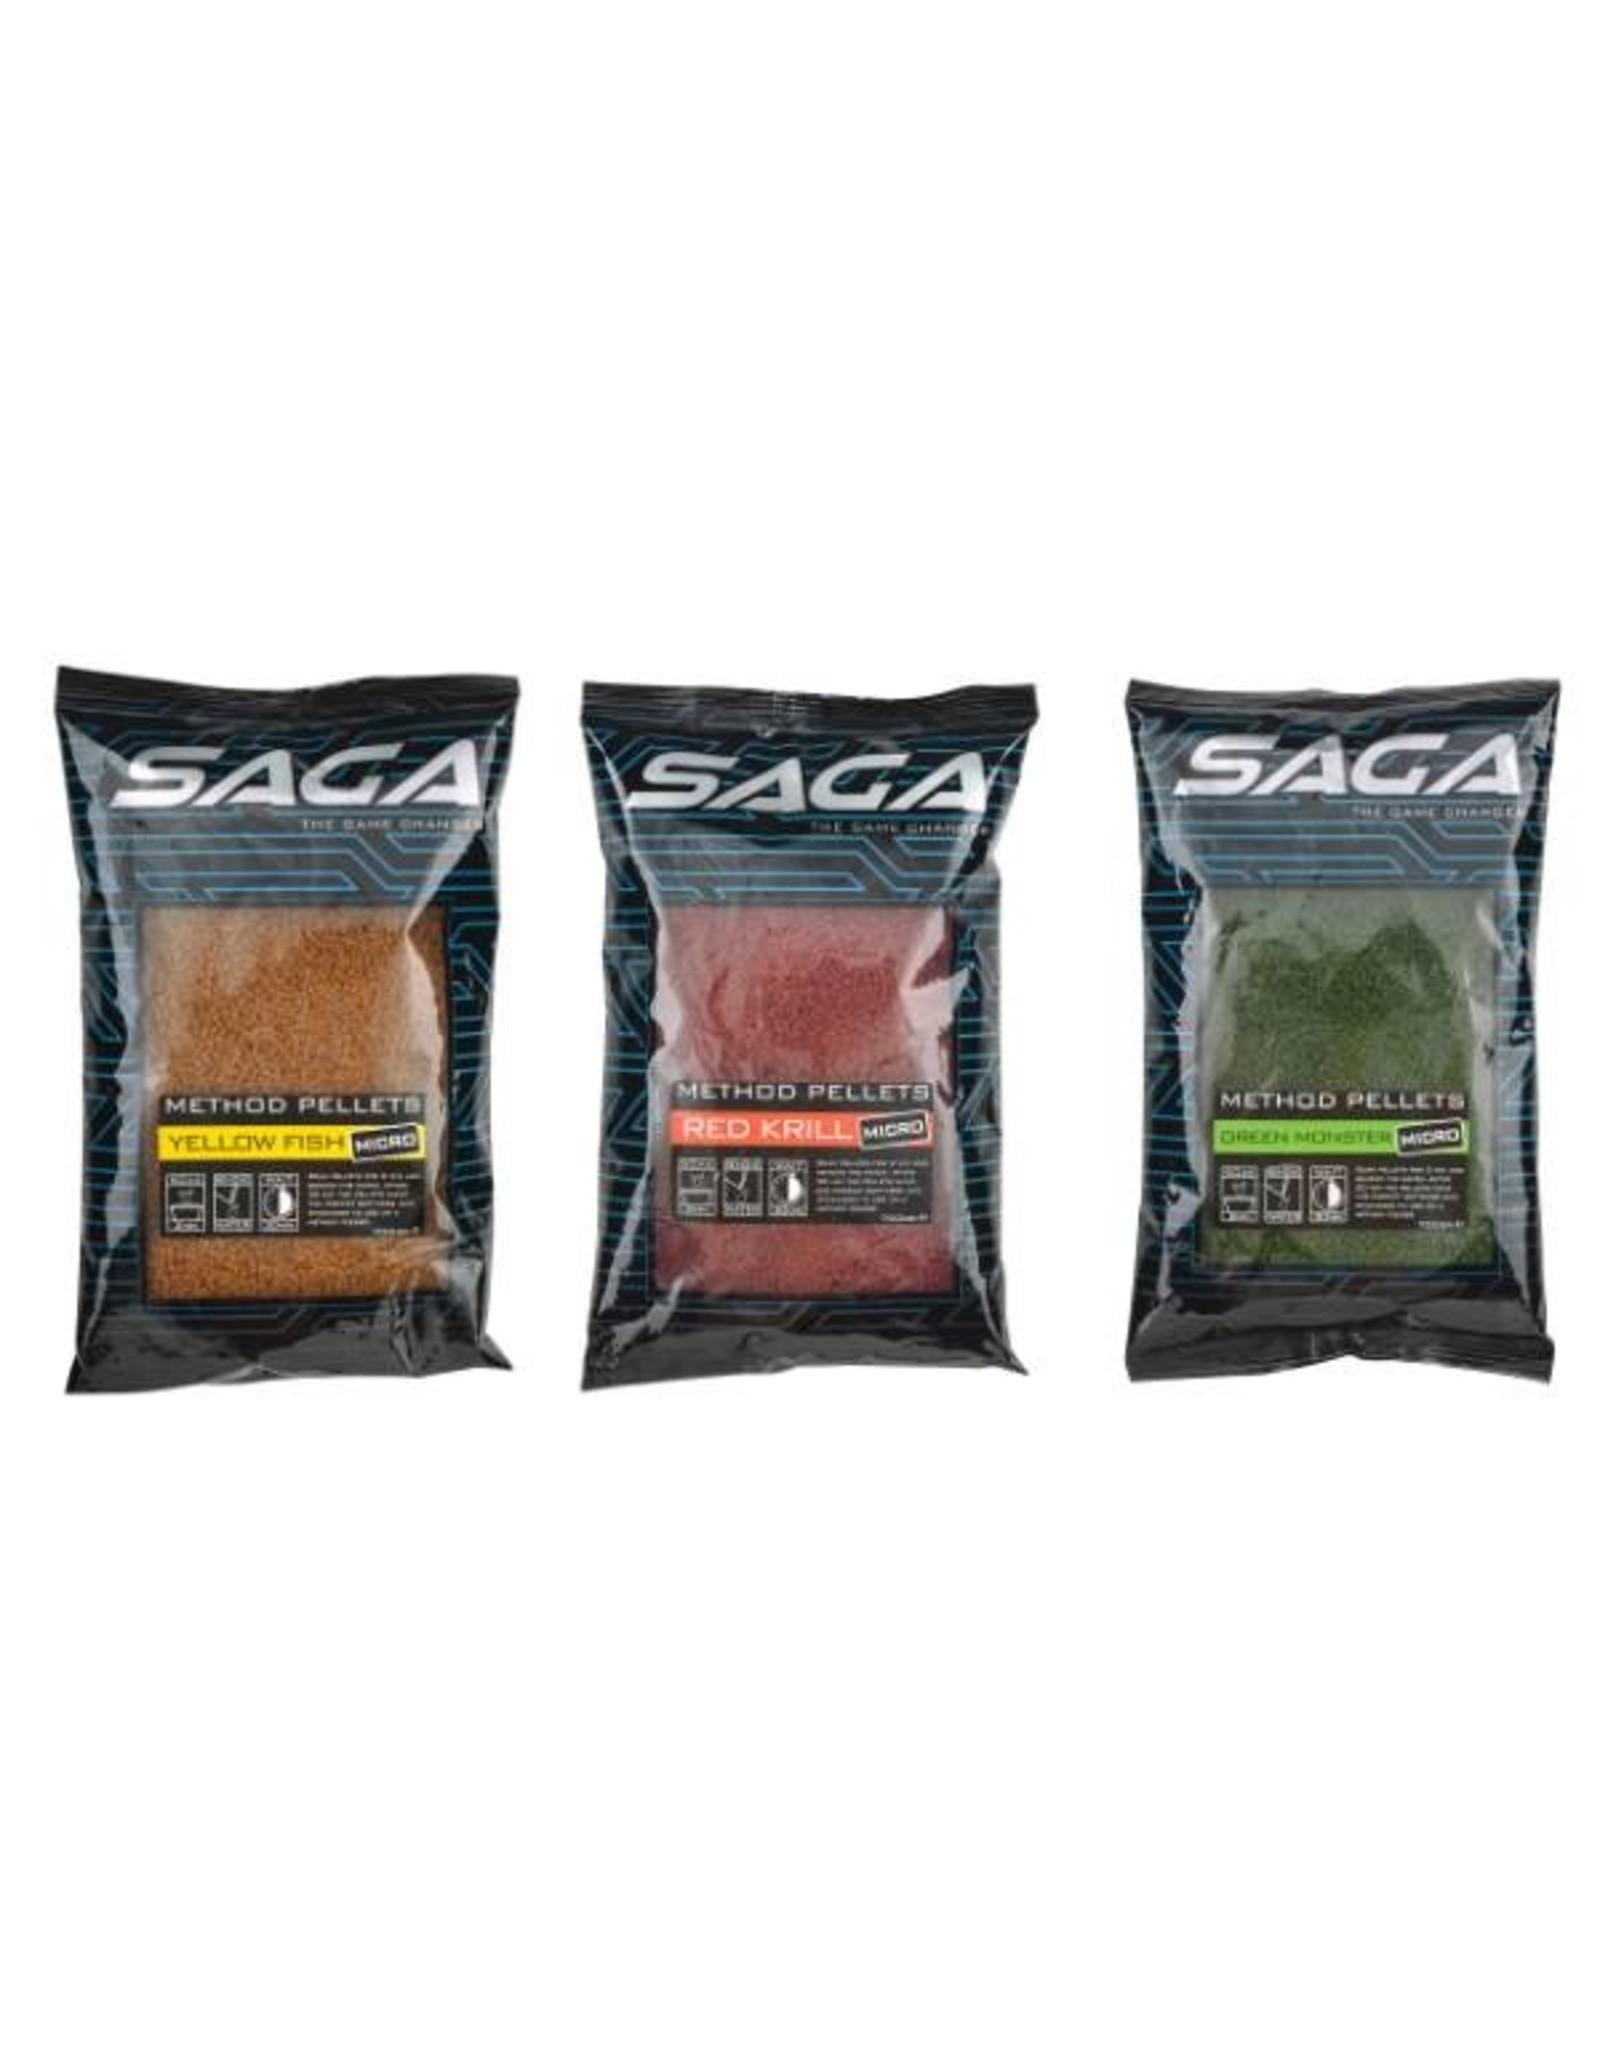 SAGA Saga Method Pellets